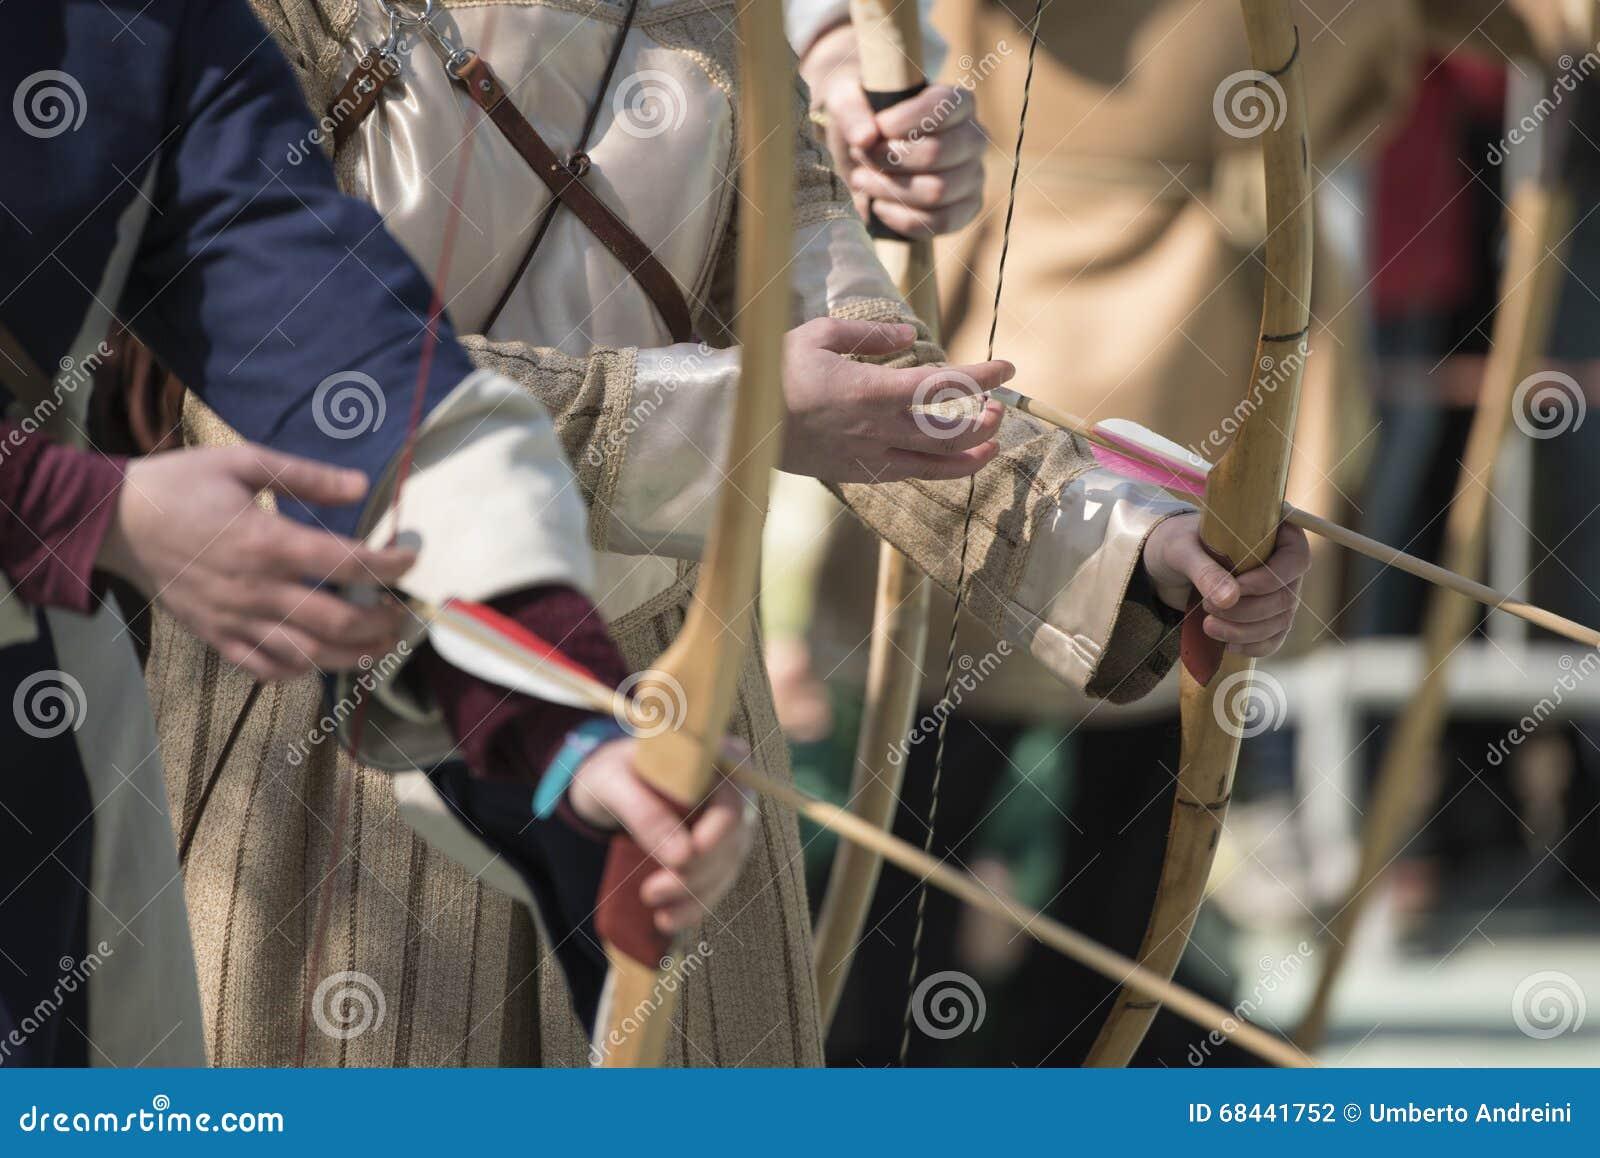 Der mittelalterliche Bogen